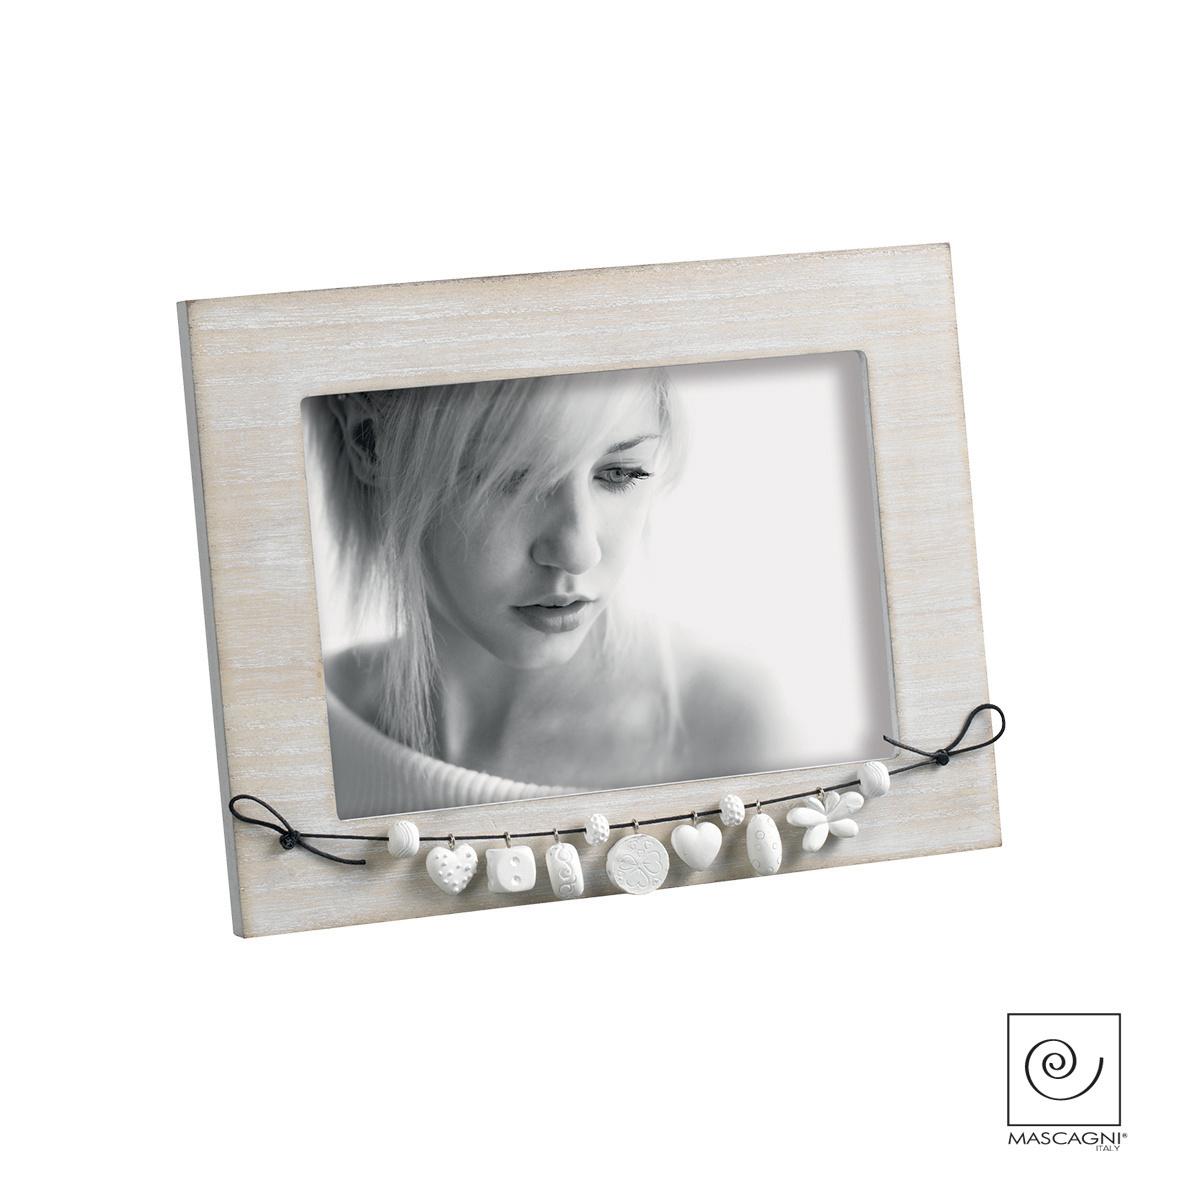 Art Mascagni A718 PHOTO FRAME 13X18 - COL. WHITE